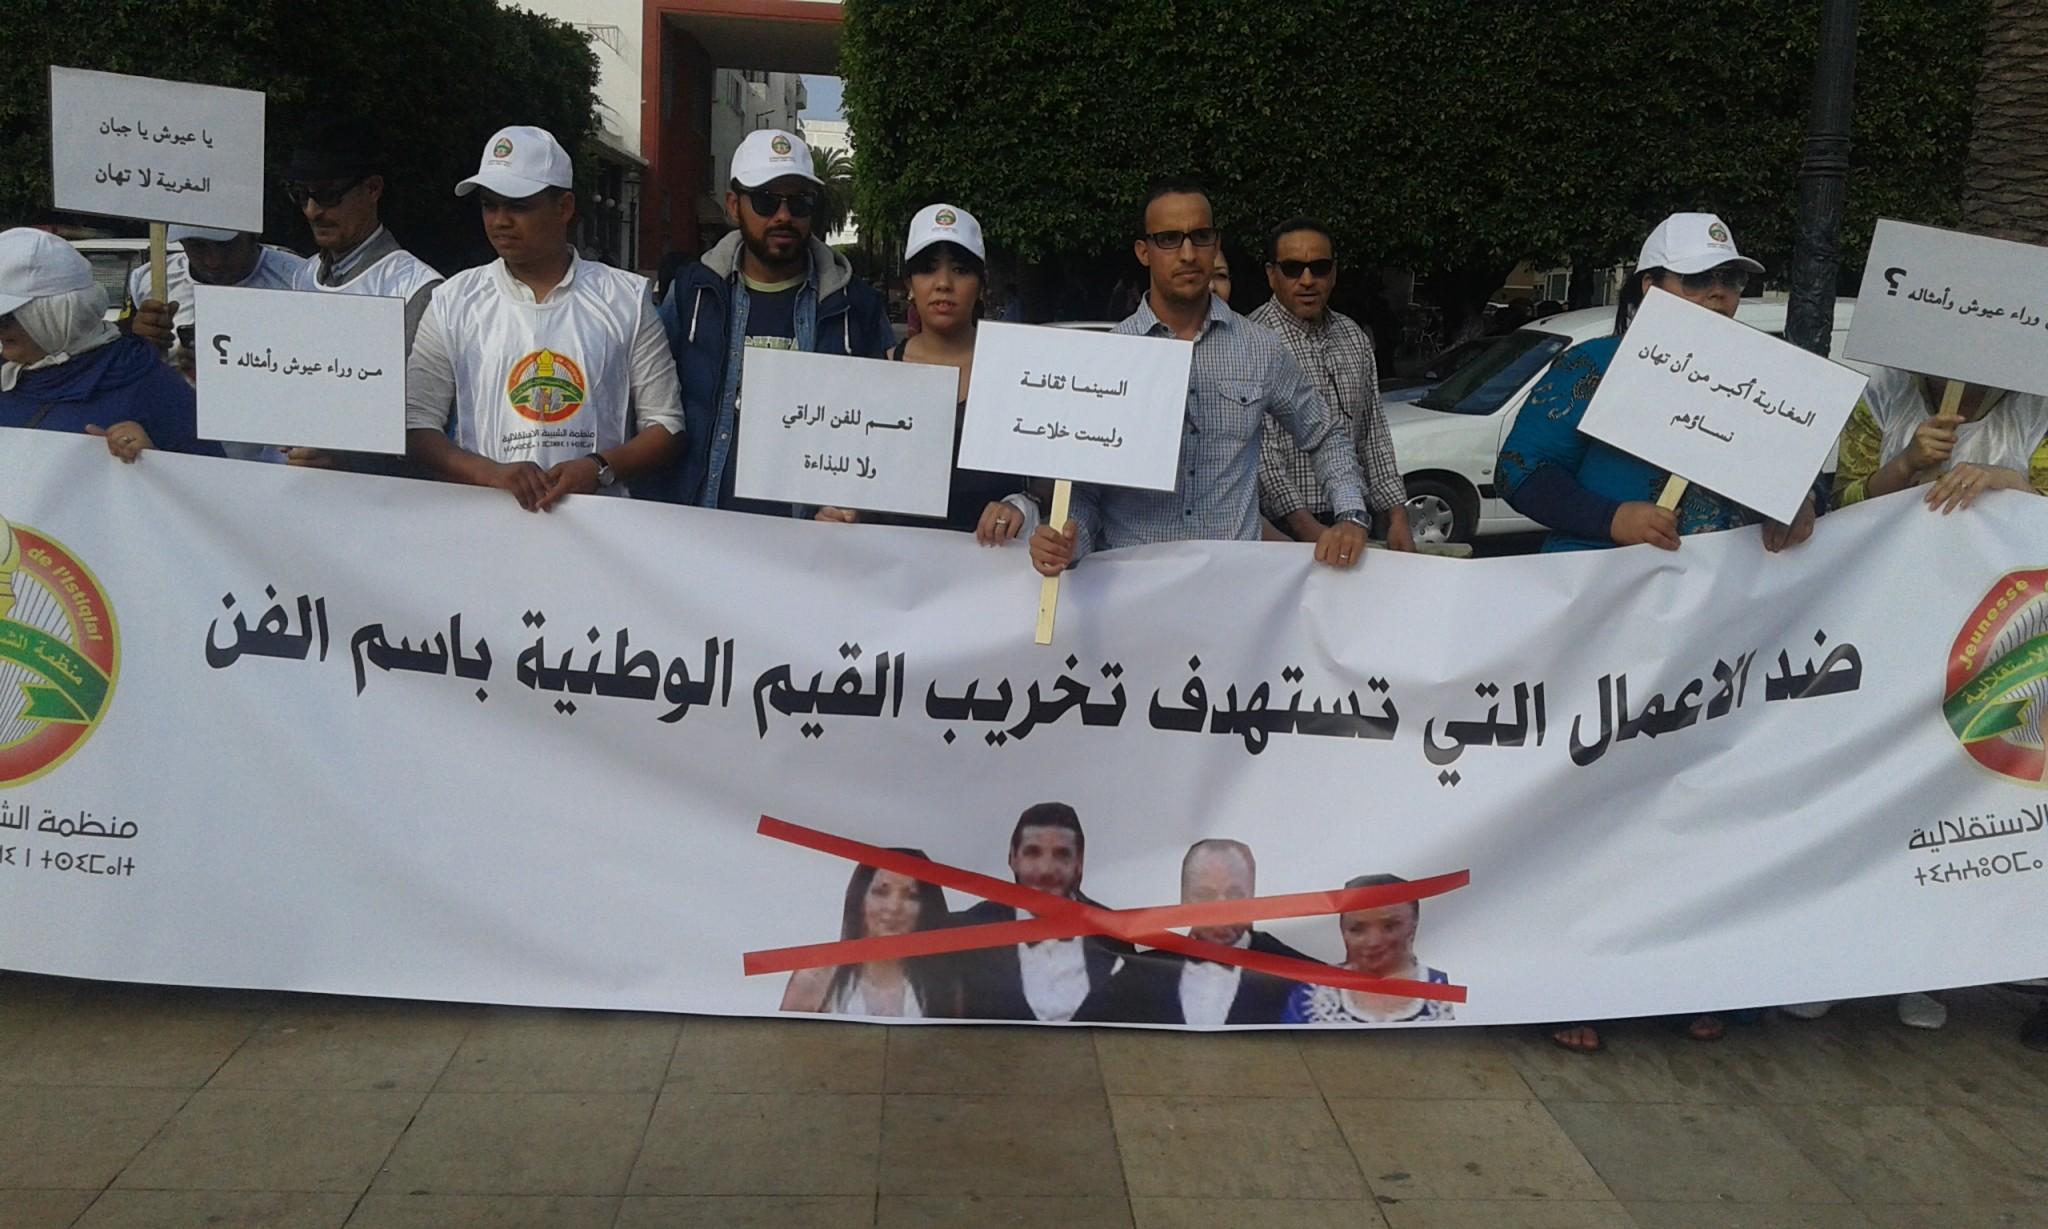 الشببية الاستقلالية تحتج أمام البرلمان المغربي و تطالب منع فيلم عيوش